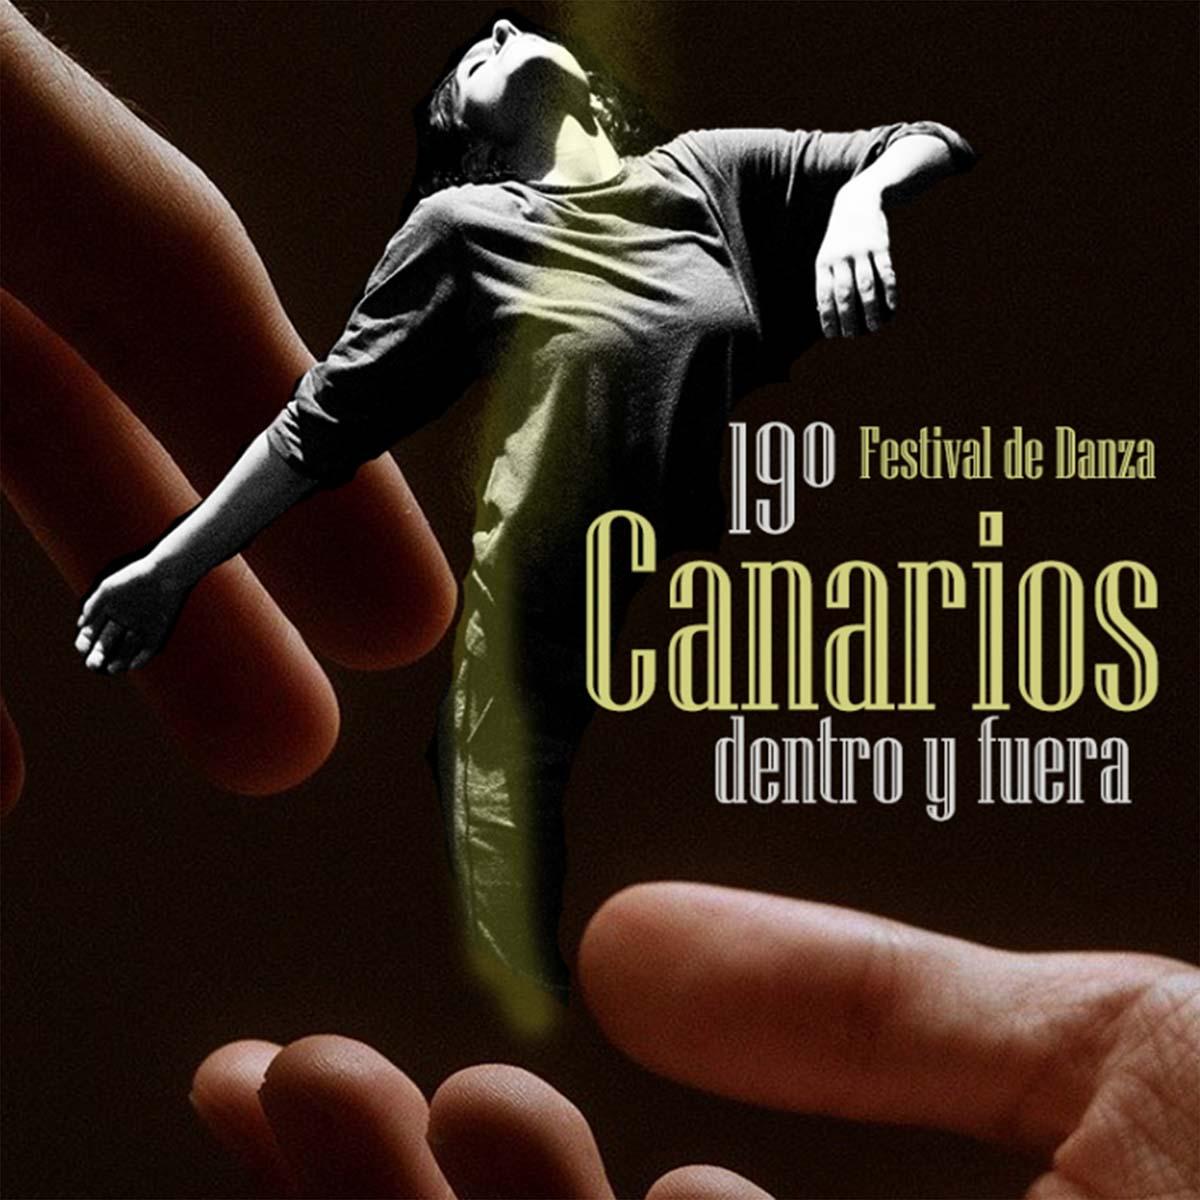 Danza, teatro y música centran la agenda cultural de este fin de semana en Santa Cruz